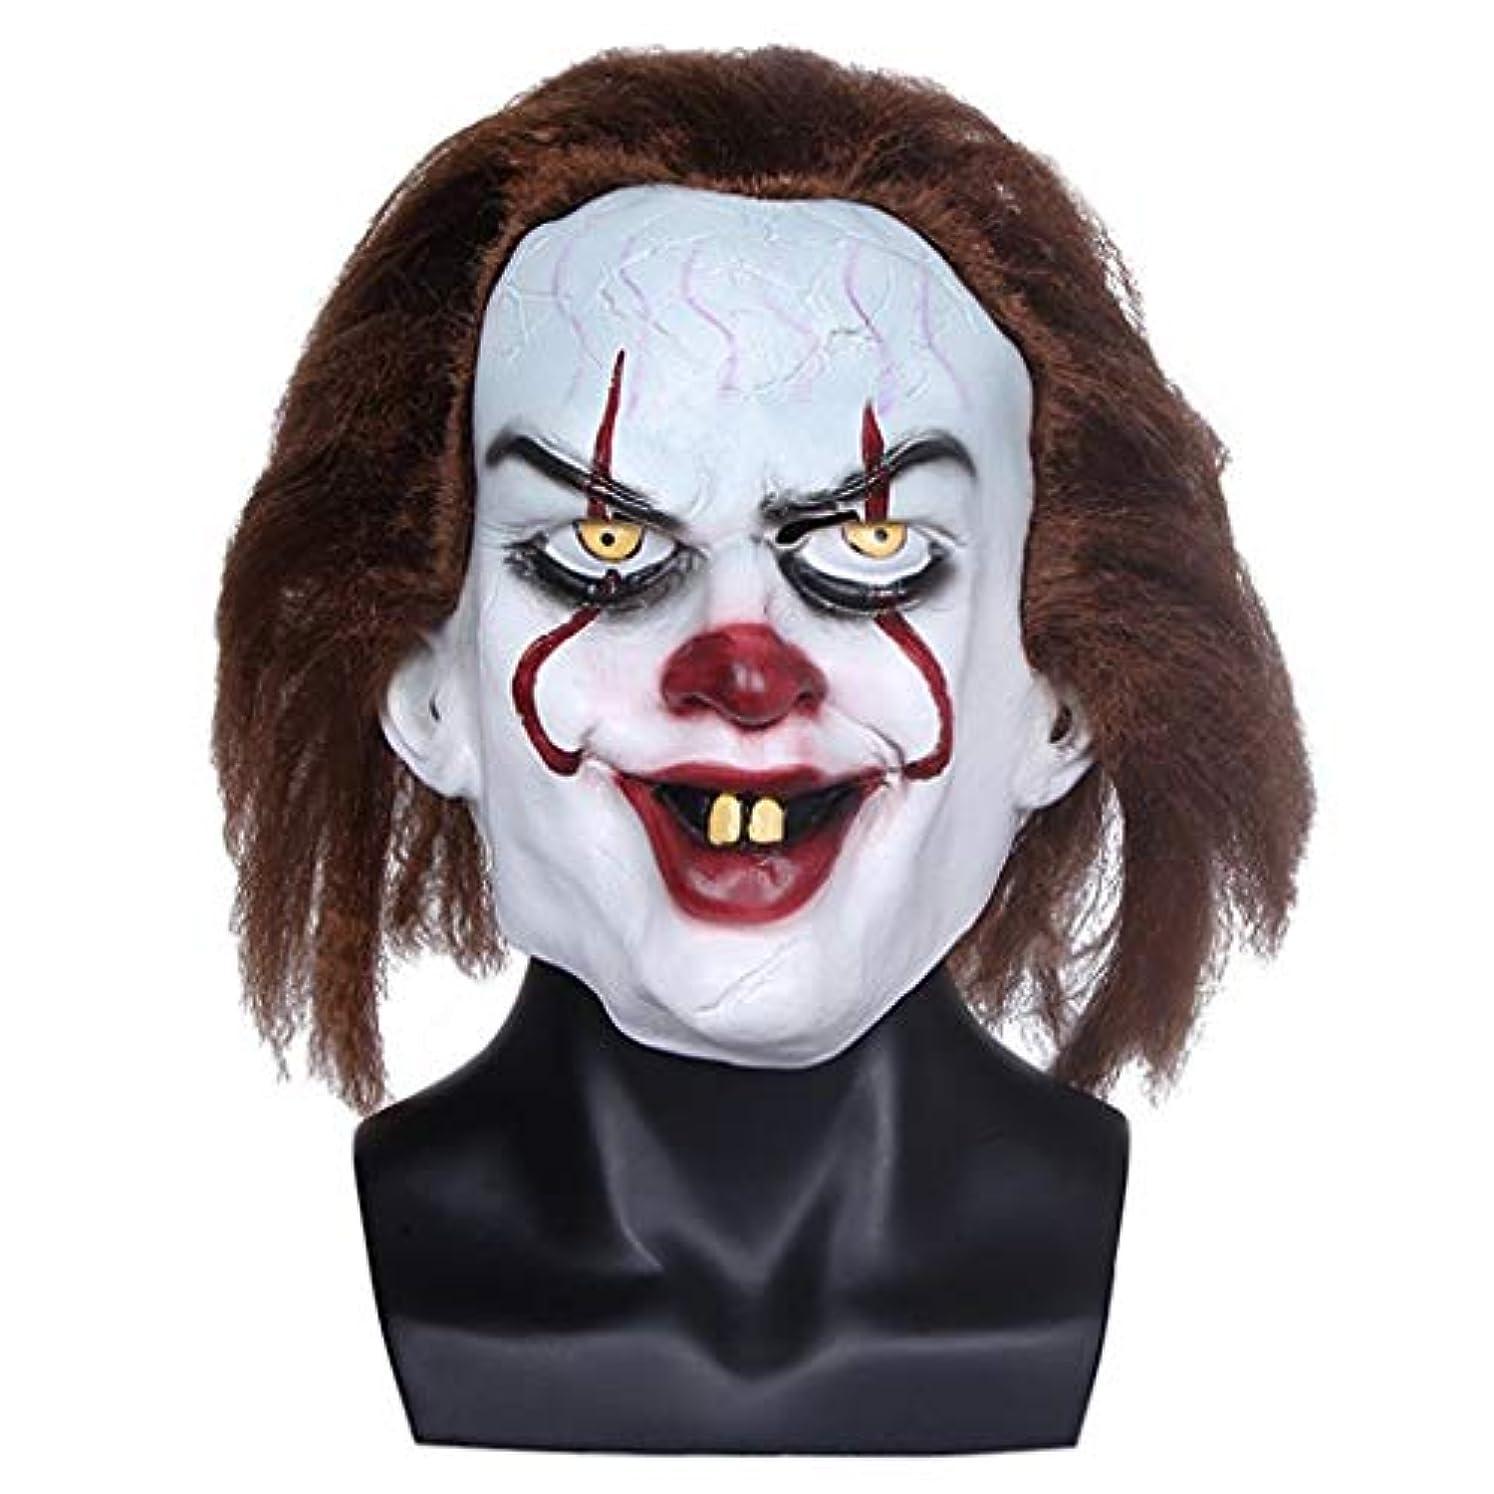 甘やかす即席近代化するハロウィンマスク大人の男性用ラテックスヘッドギアホラーピエロマスク笑顔変な顔映画小道具仮面舞踏会マスク